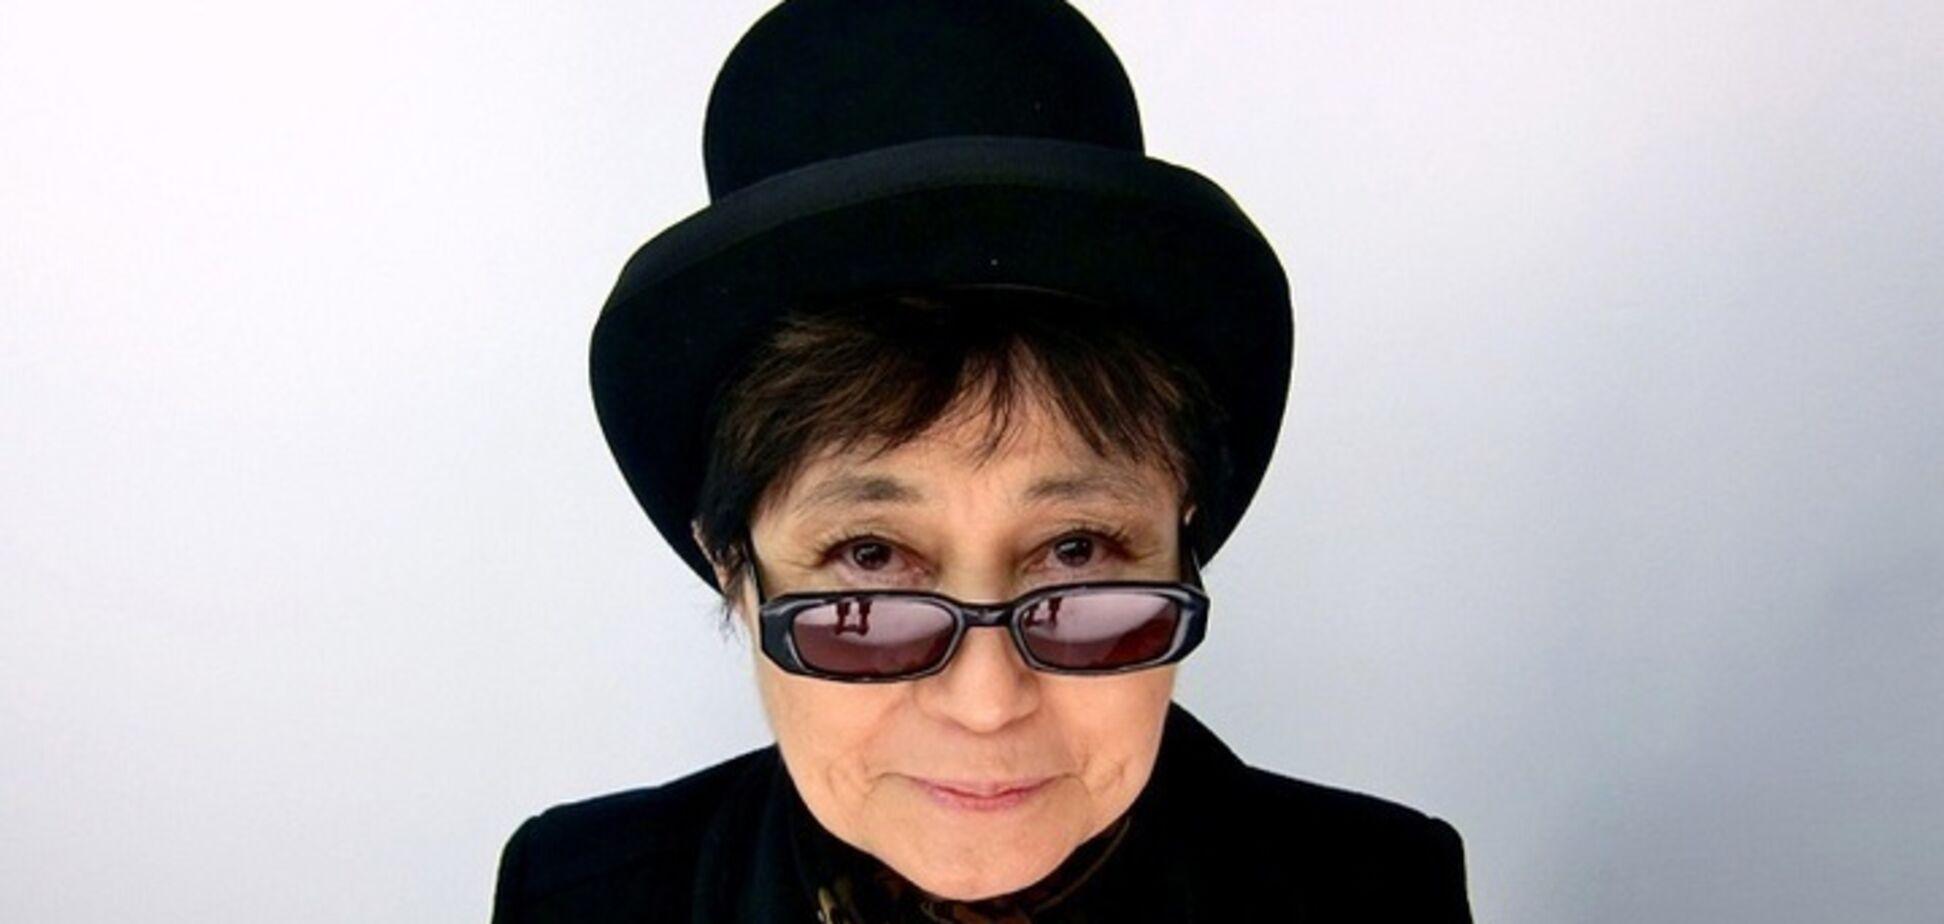 Вдова Джона Леннона записала кавер на его легендарный хит: видео